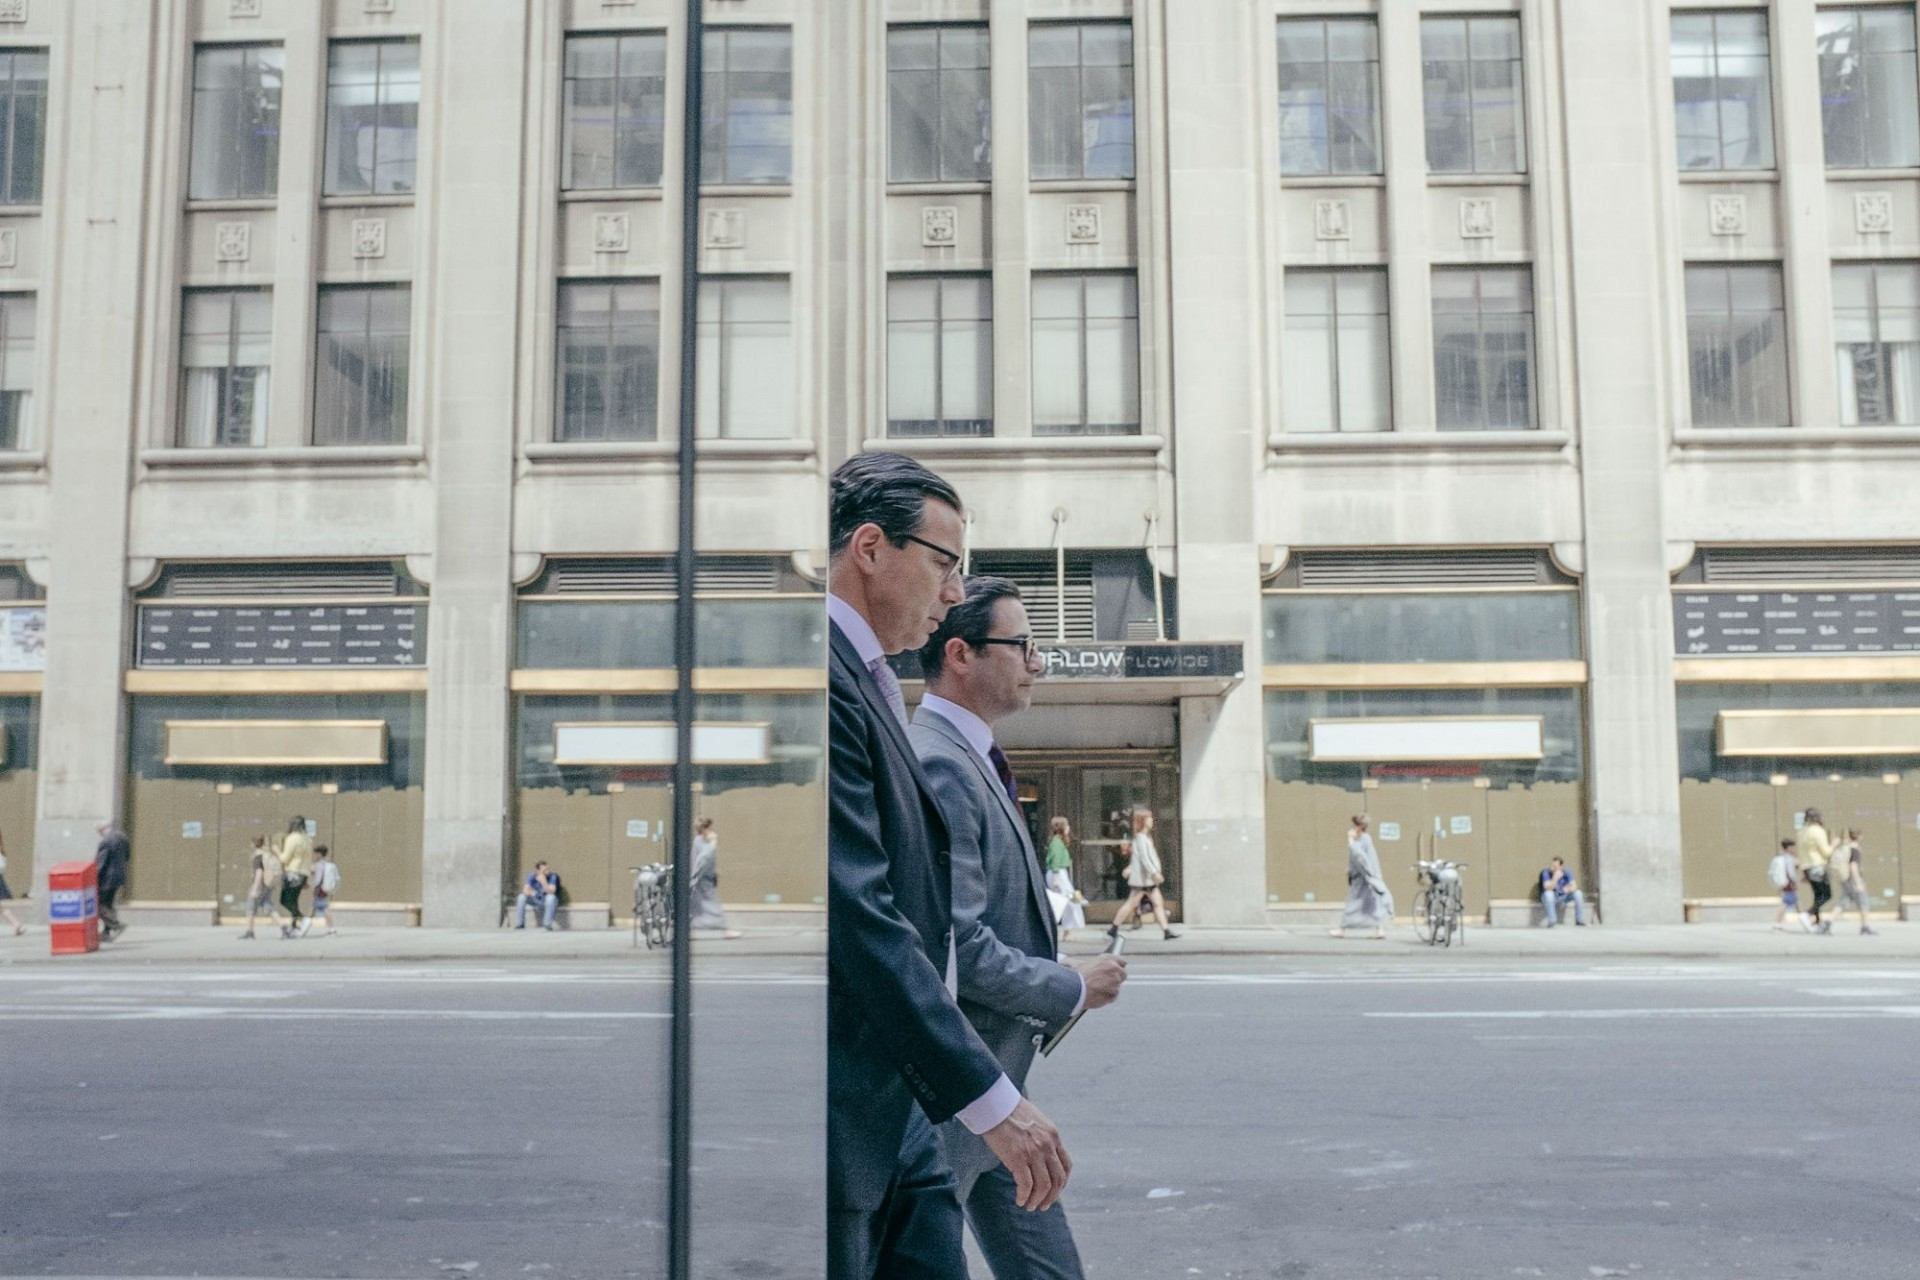 Khoảnh khắc thú vị đến từ loạt ảnh chụp 'đúng người đúng thời điểm'